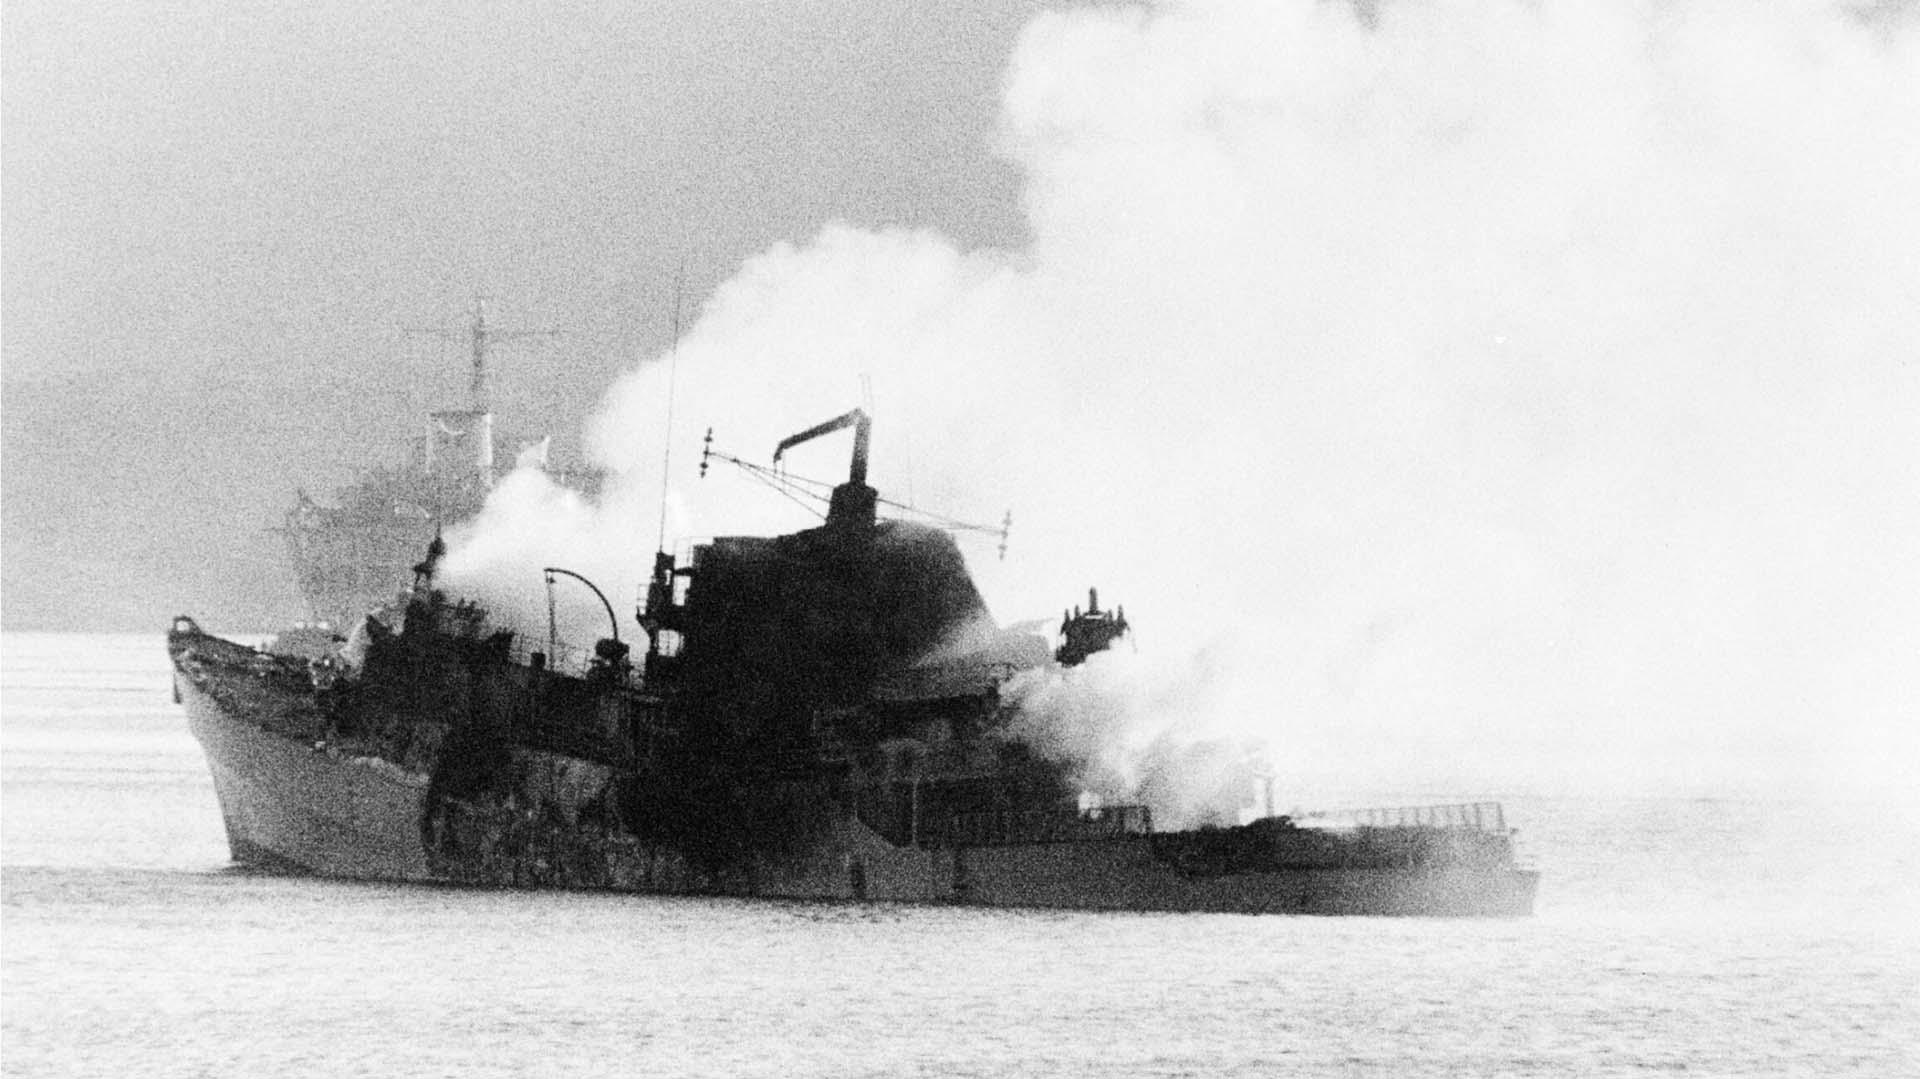 23 de mayo: una escuadrilla de aviones Skyhawk A4-B lanzan dos bombas de 1000 libras sobre el HMS Antelope, penetran el casco pero no explotan (Imperial War Museums)